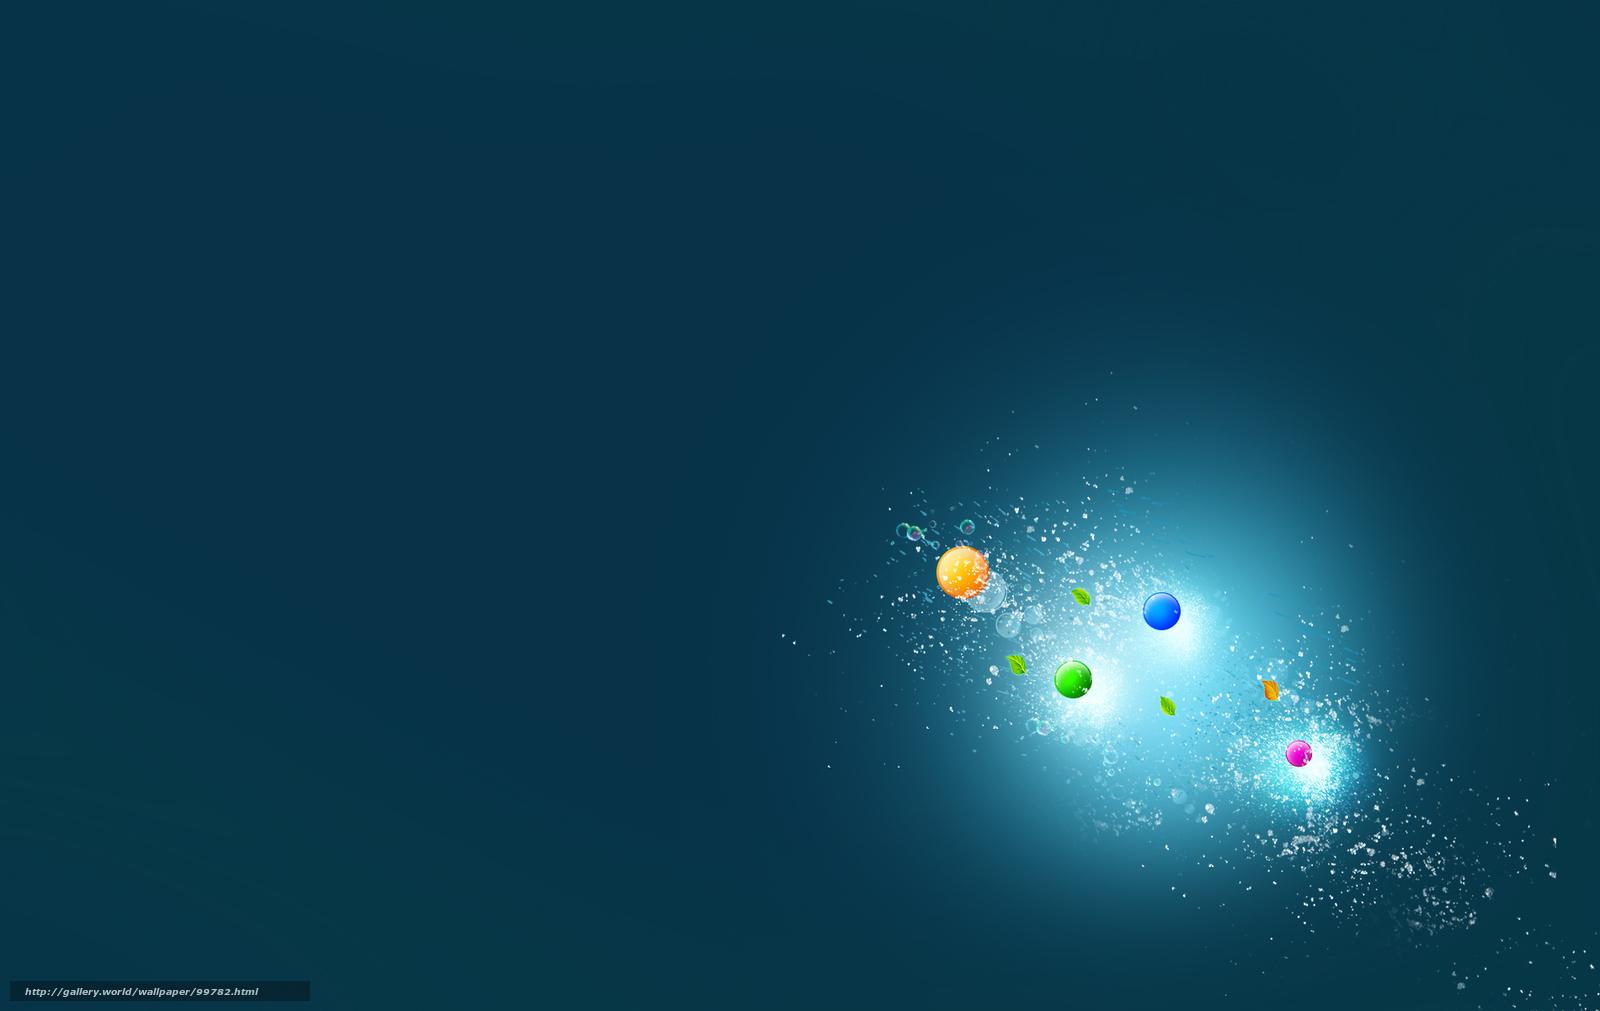 , арт, обои, фон бесплатно для рабочего ...: ru.gdefon.com/download/minimalizm_art_oboi_fon_kartinki/99782...